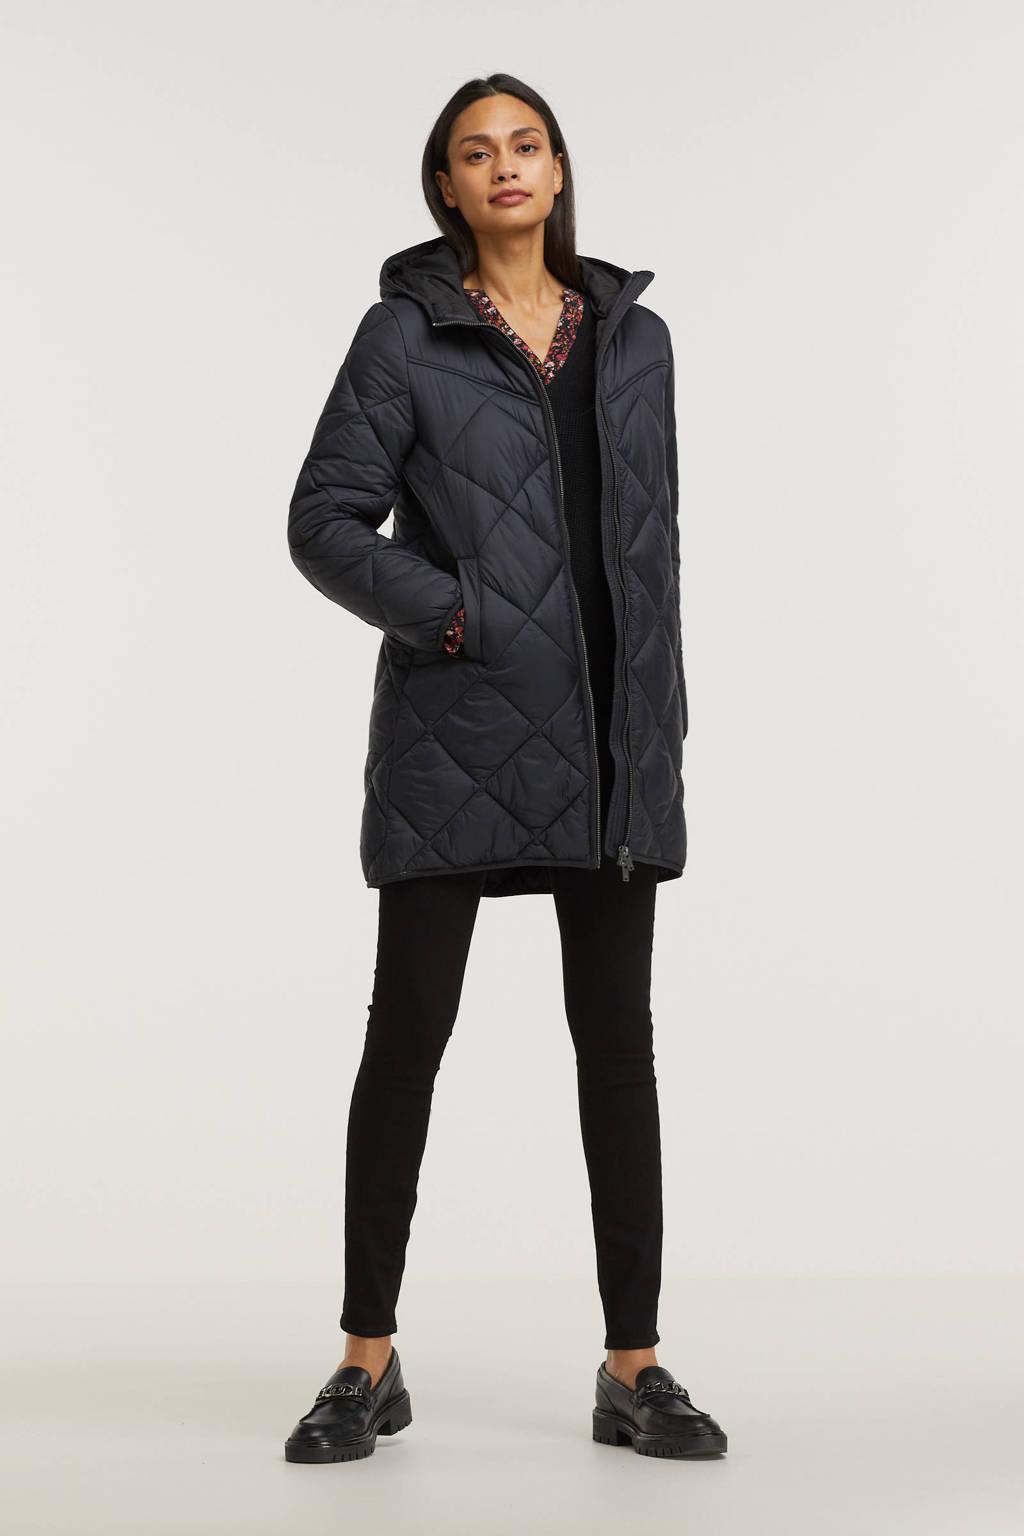 edc Women gewatteerde jas zwart, Zwart